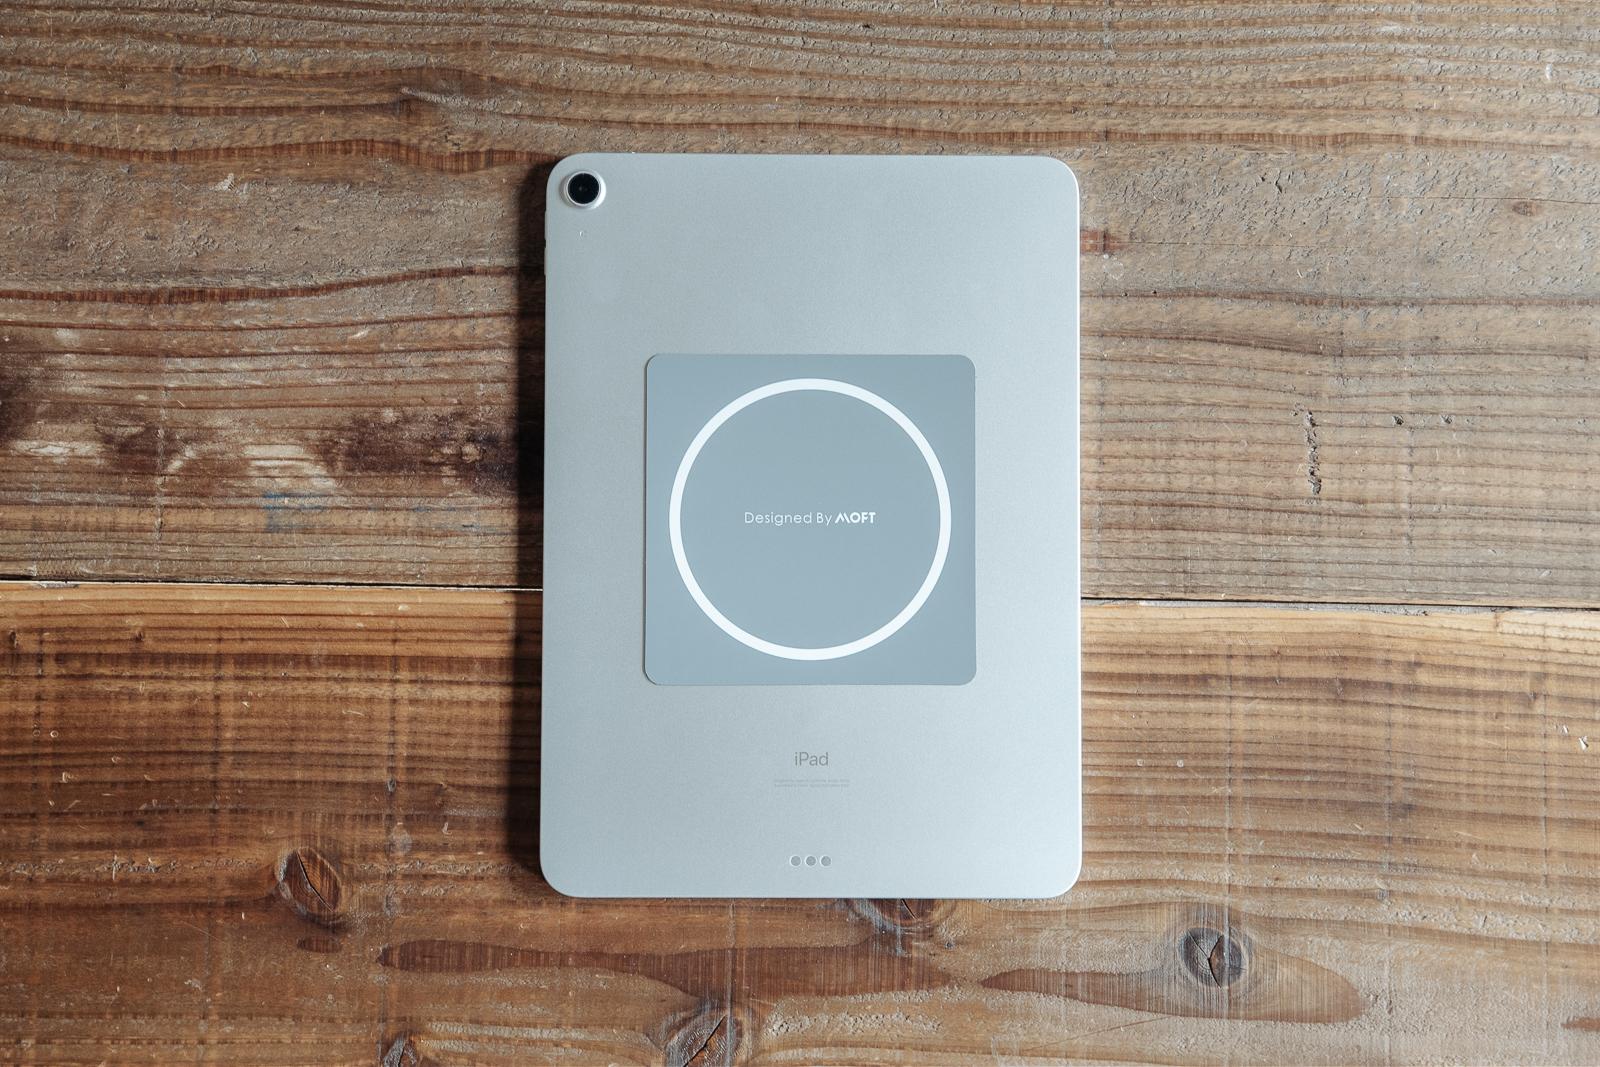 MOFT Snap-On タブレット iPad